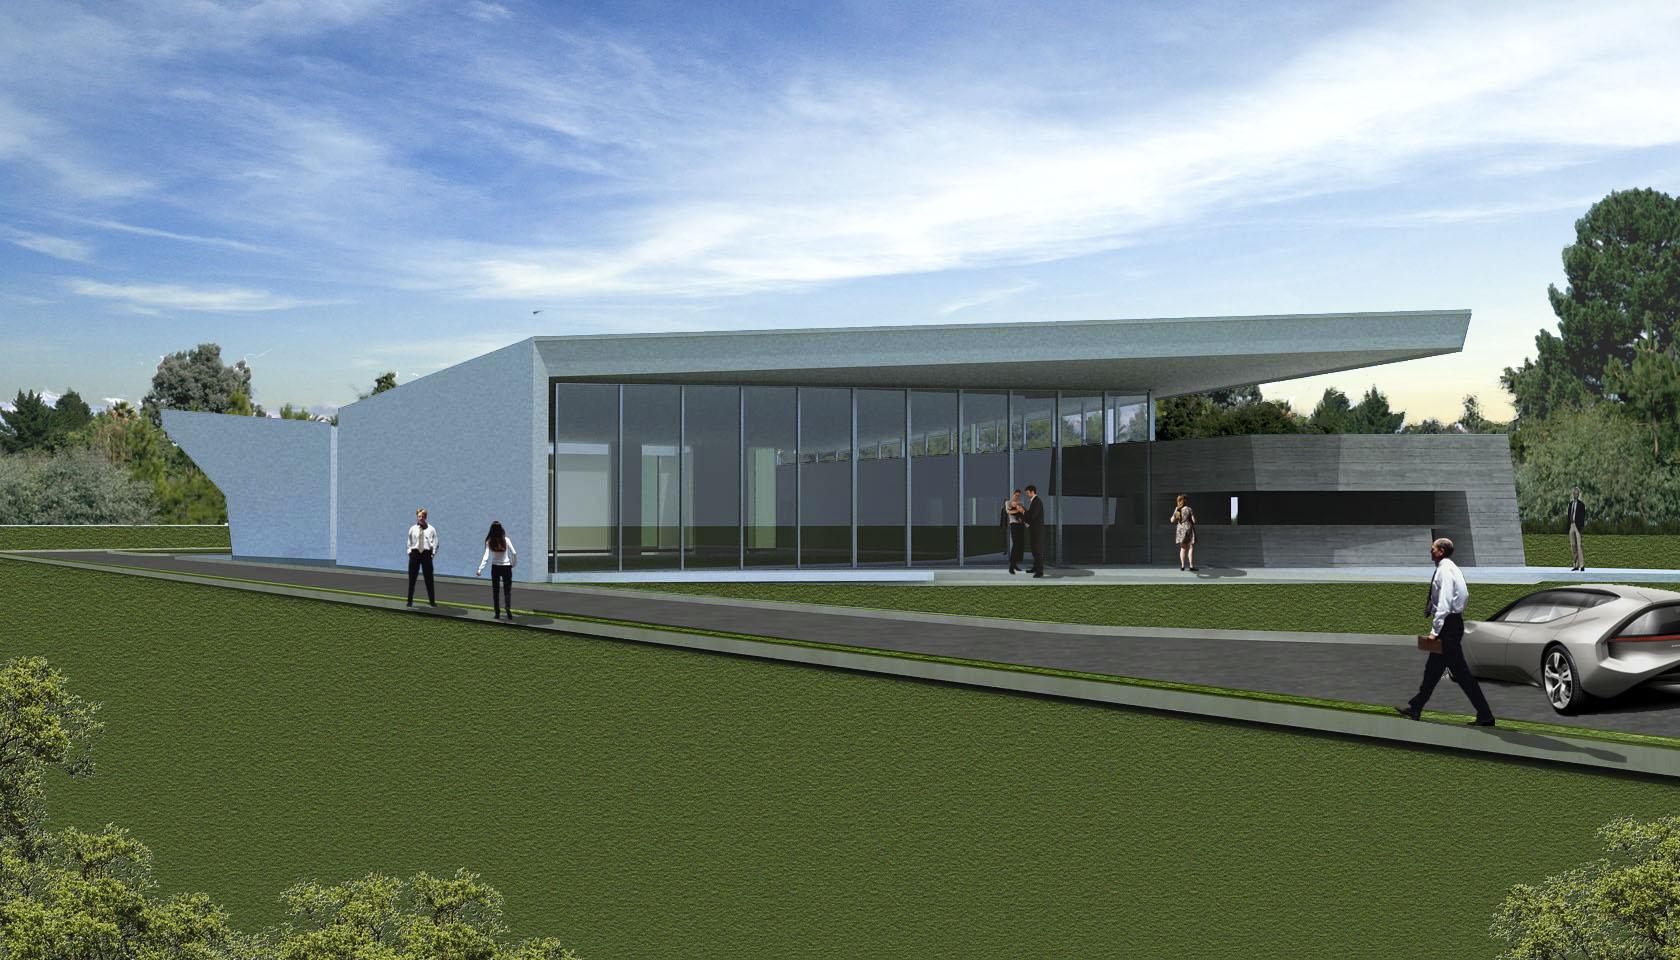 Arquitectura contemporánea, diseño de cubiertas modernas, fachadas de hormigón a la avista